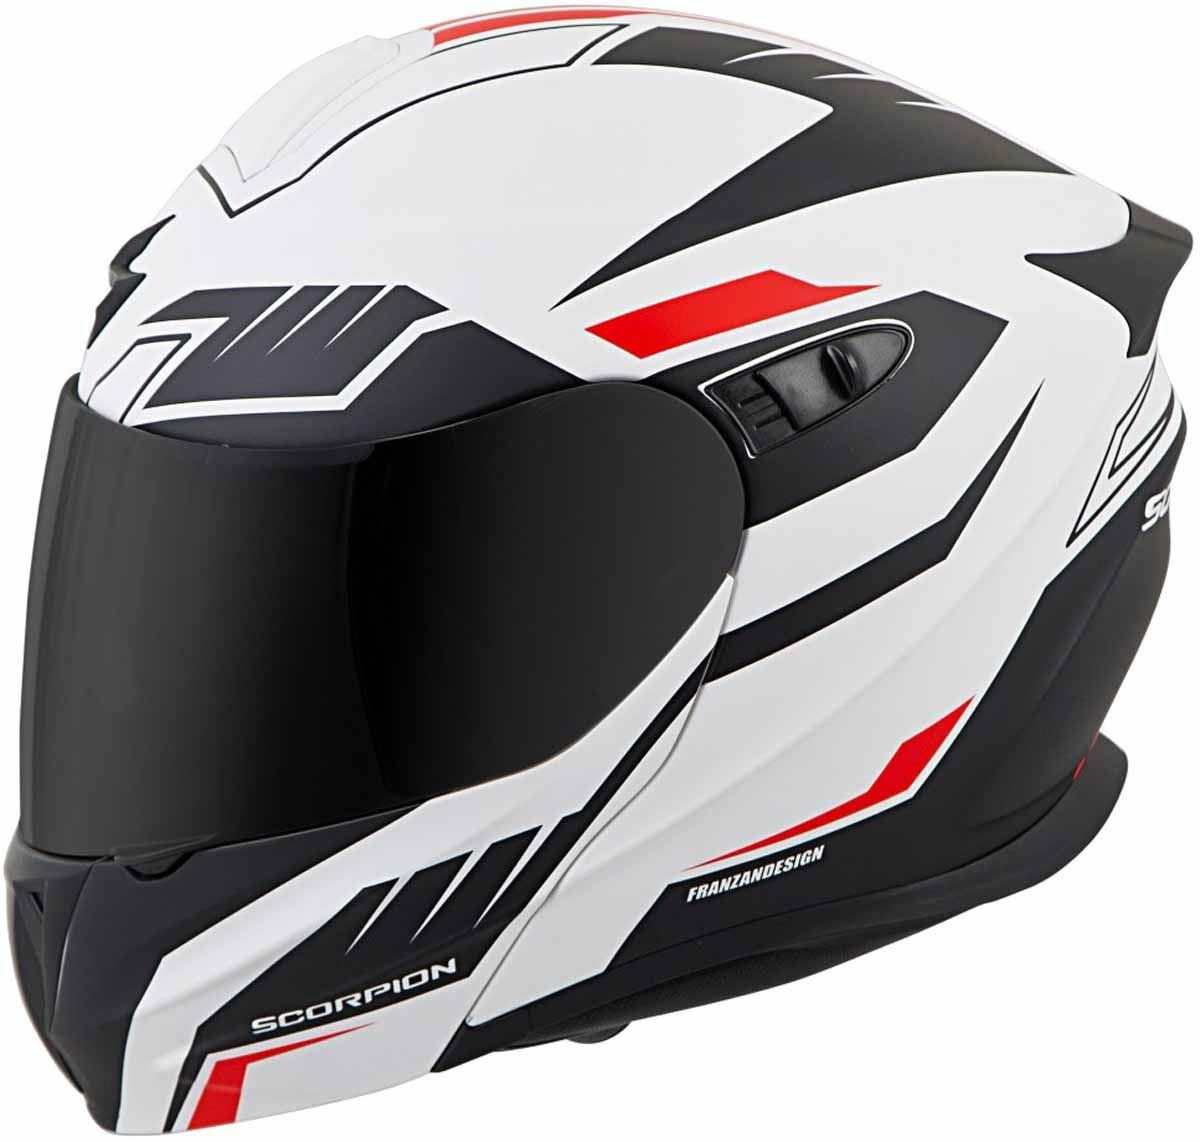 Scorpion-EXO-GT920-Helmet-Sport-Touring-Modular-Flip-Up-DOT-Approved-XS-3XL miniature 35